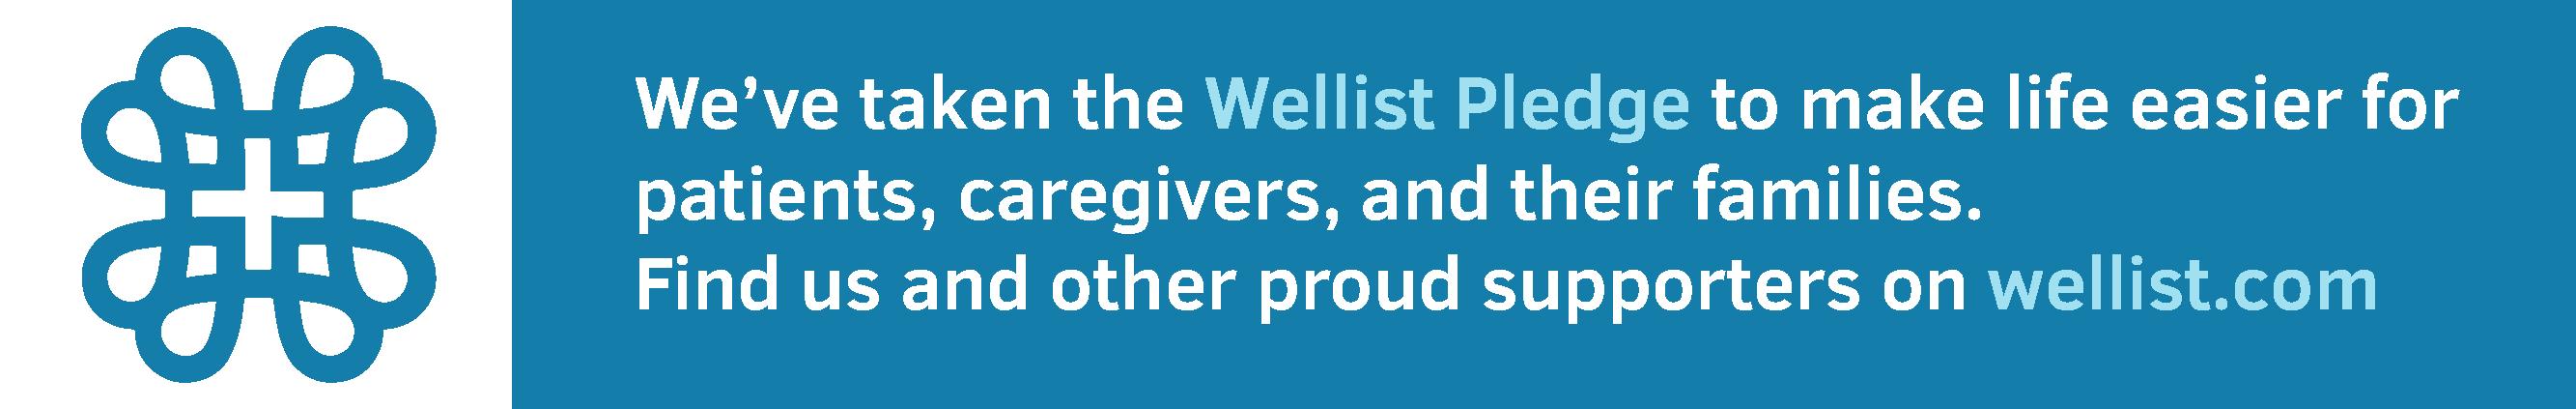 Wellist Pledge badge example